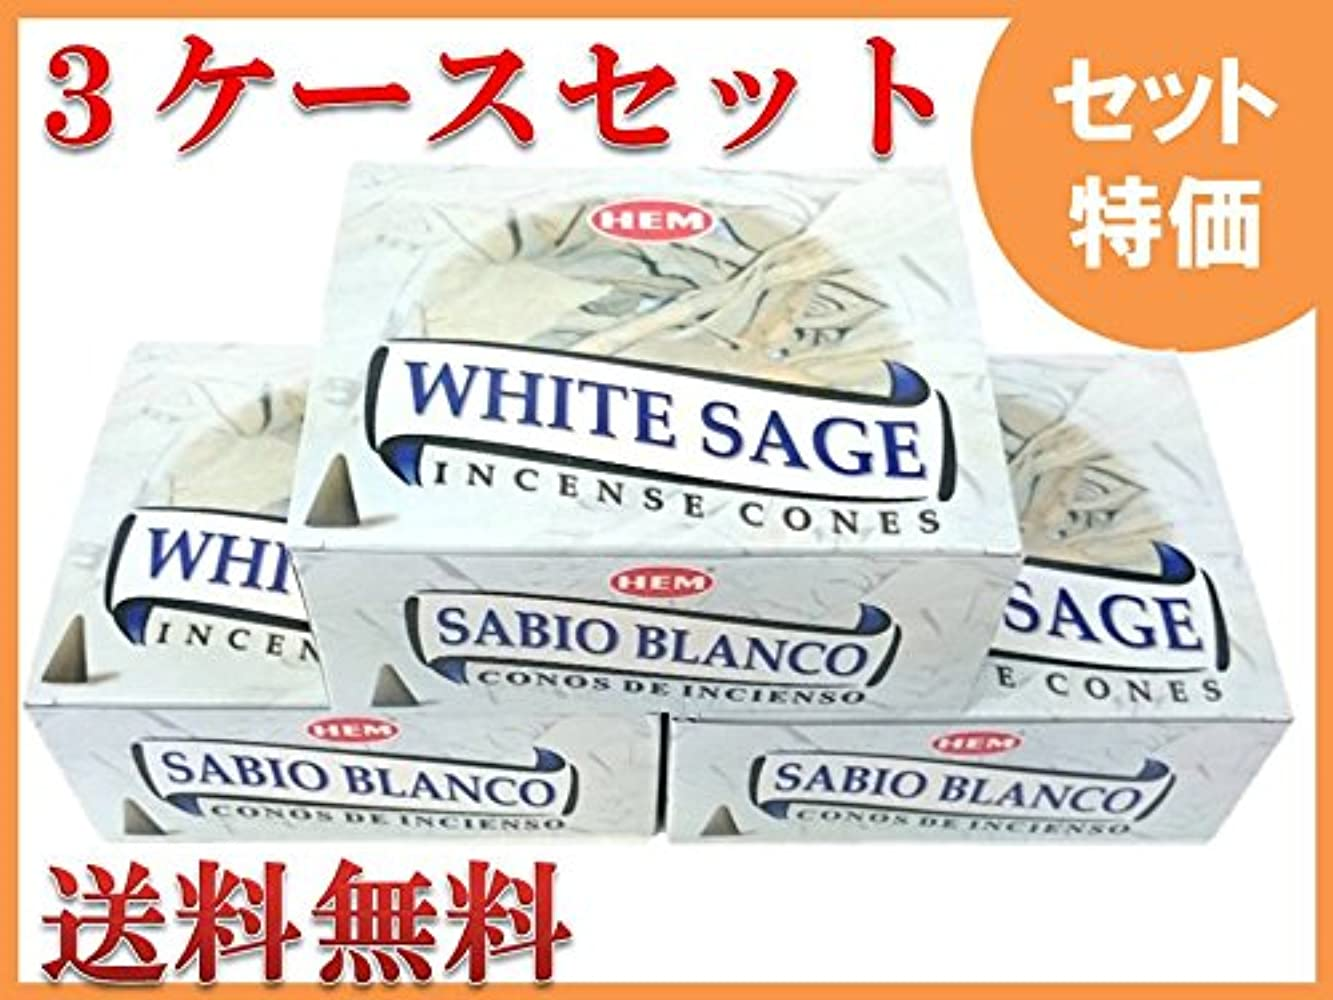 チャレンジ噛む揮発性HEM(ヘム)お香コーン:ホワイトセージ 3ケース(36箱)セット/お香コーン/HEMホワイトセージコーン